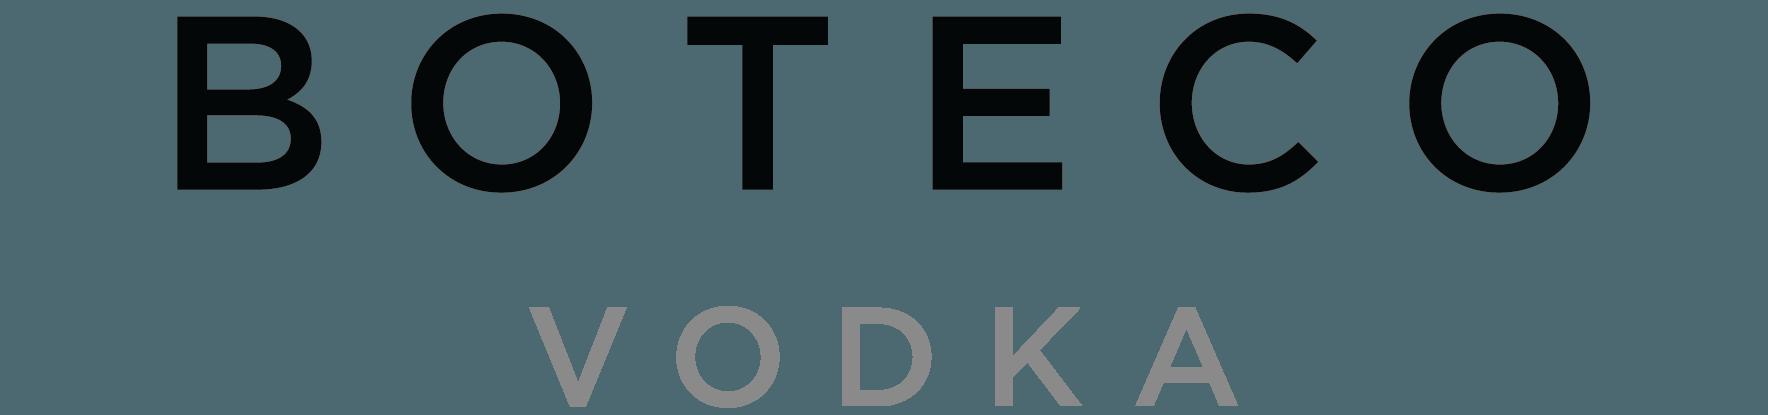 BOTECO Vodka - Brazilian Sugarcane Vodka Logo.png